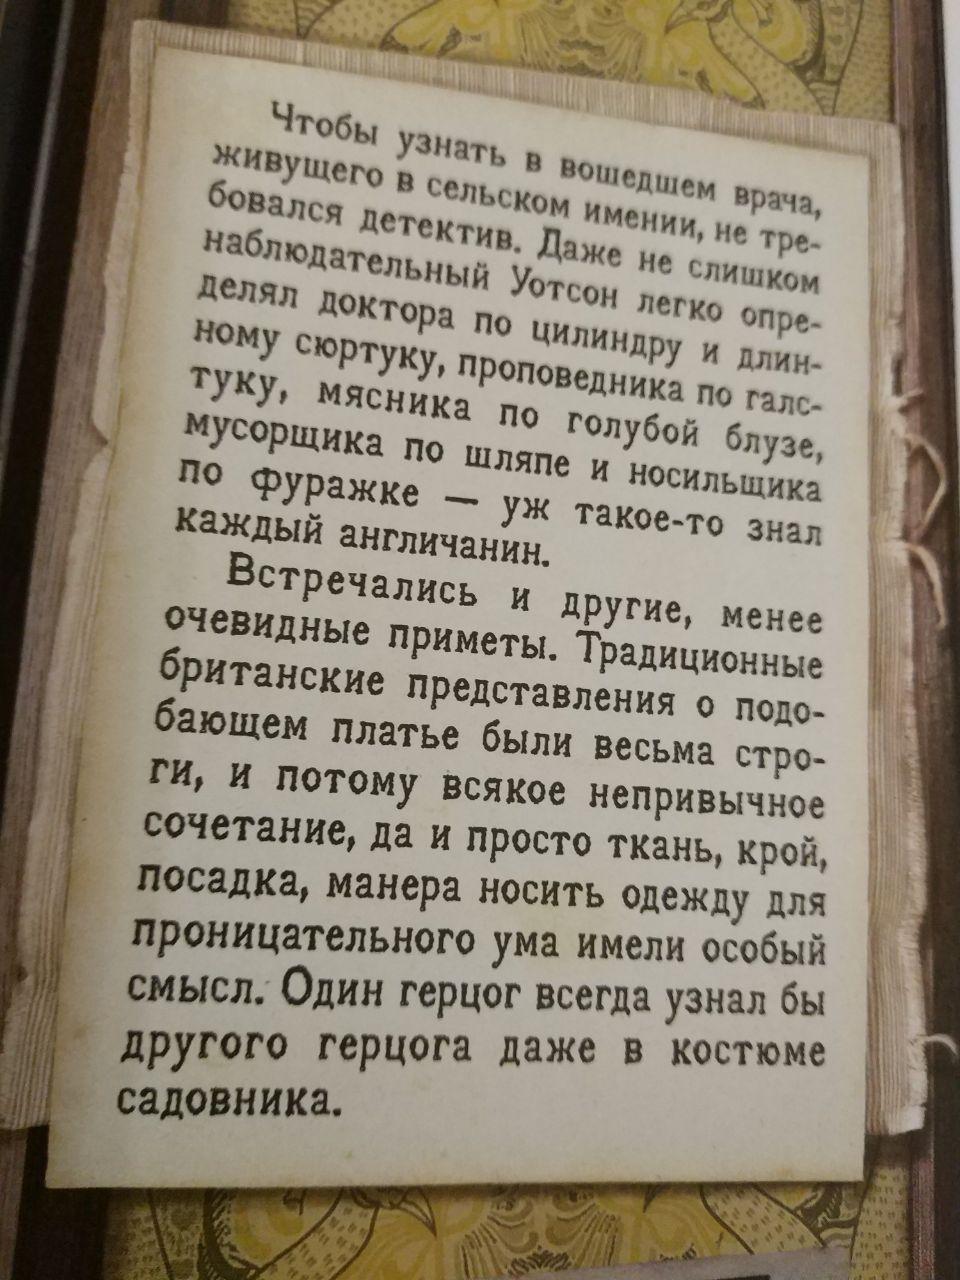 http://sa.uploads.ru/iV0n8.jpg